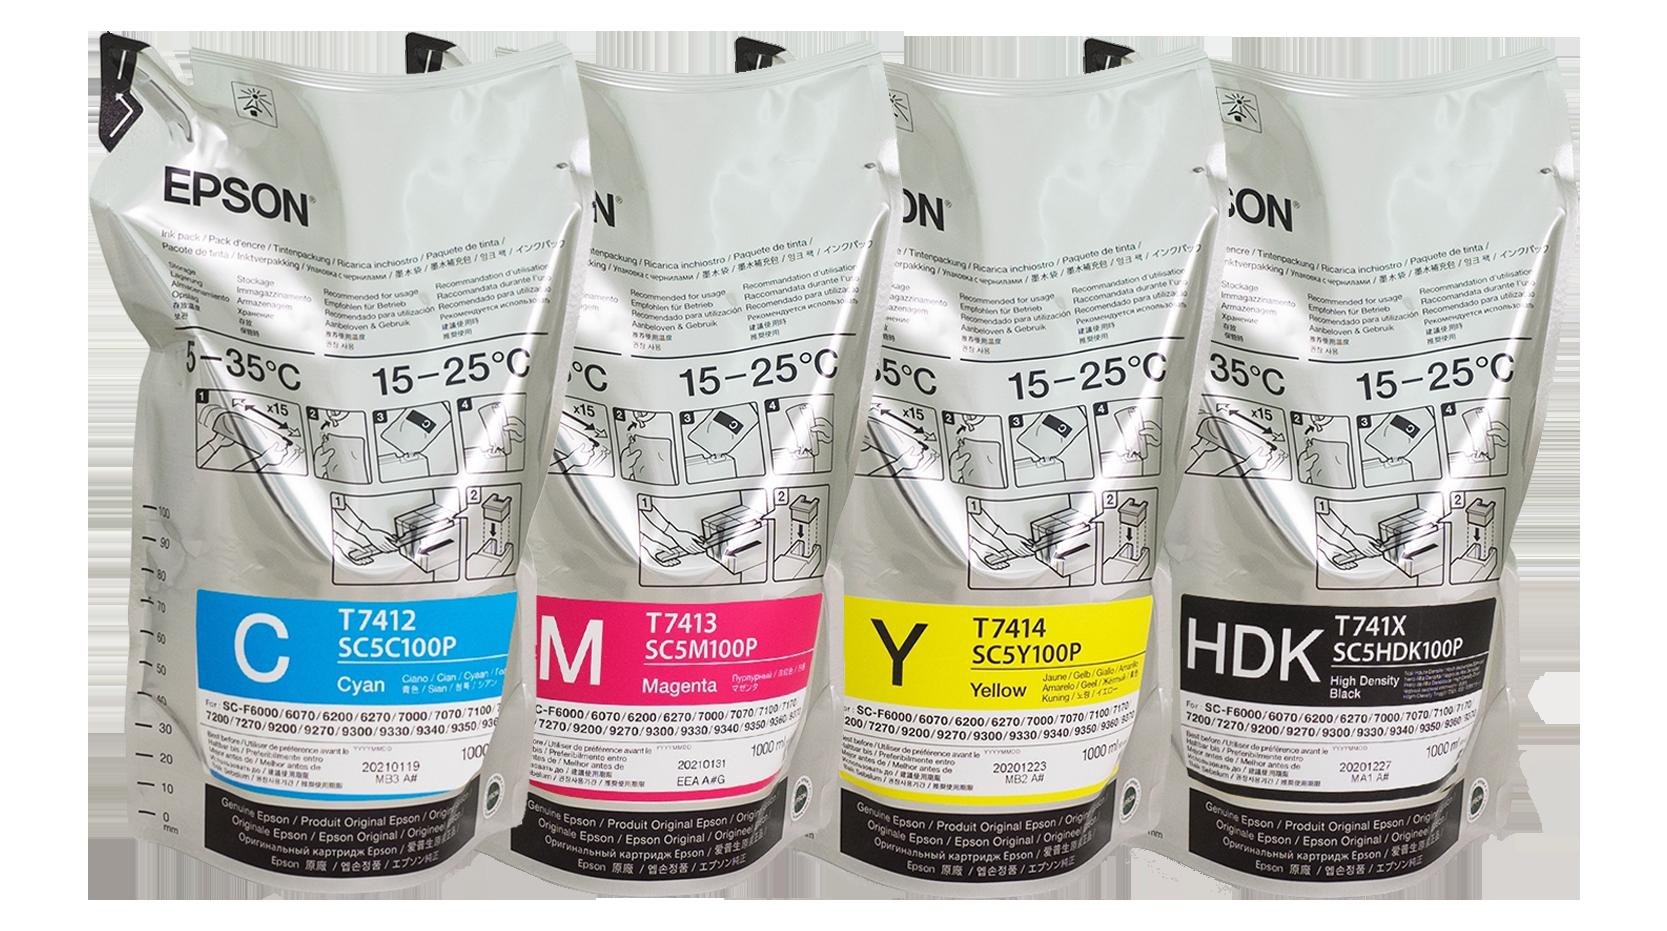 หมึก Epson หมึกซับลิเมชั่น Epson original sublimation ink หมึกเอปสันซับลิเมชั่น